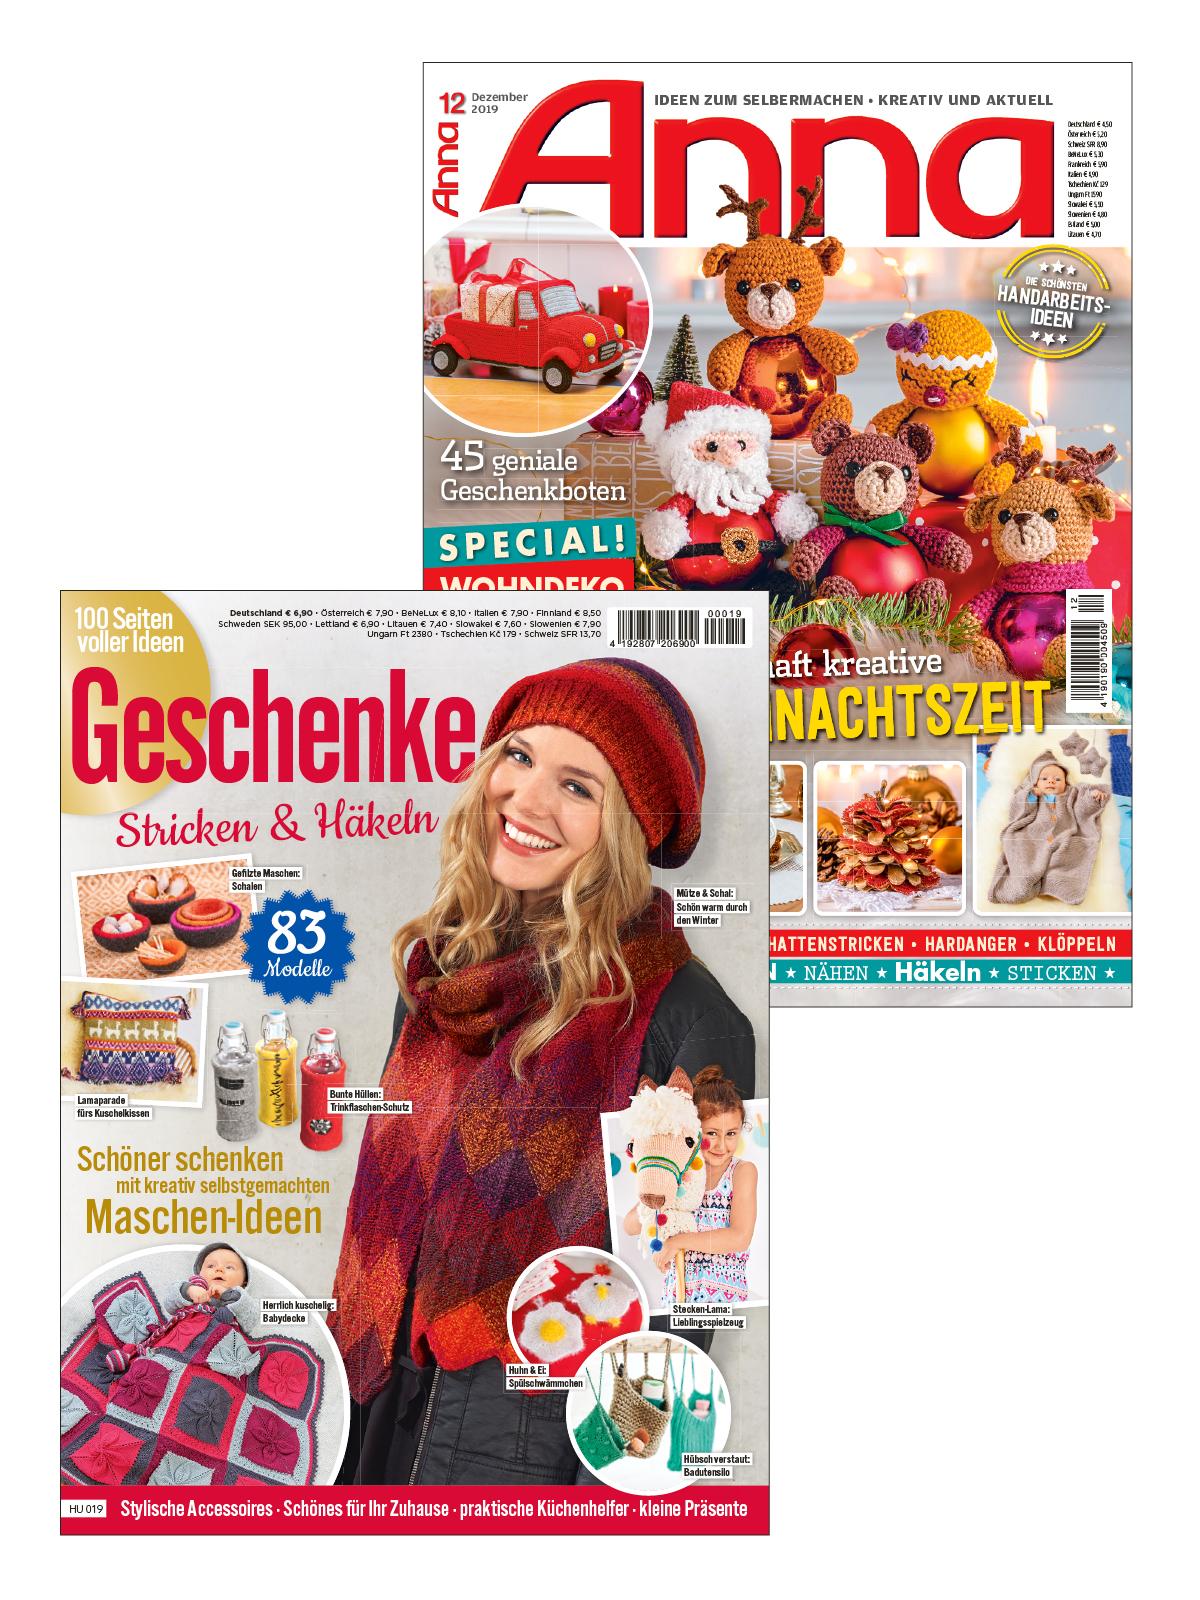 2 Zeitschriften statt Euro 11,40 nur Euro 5,70 zum Spartarif